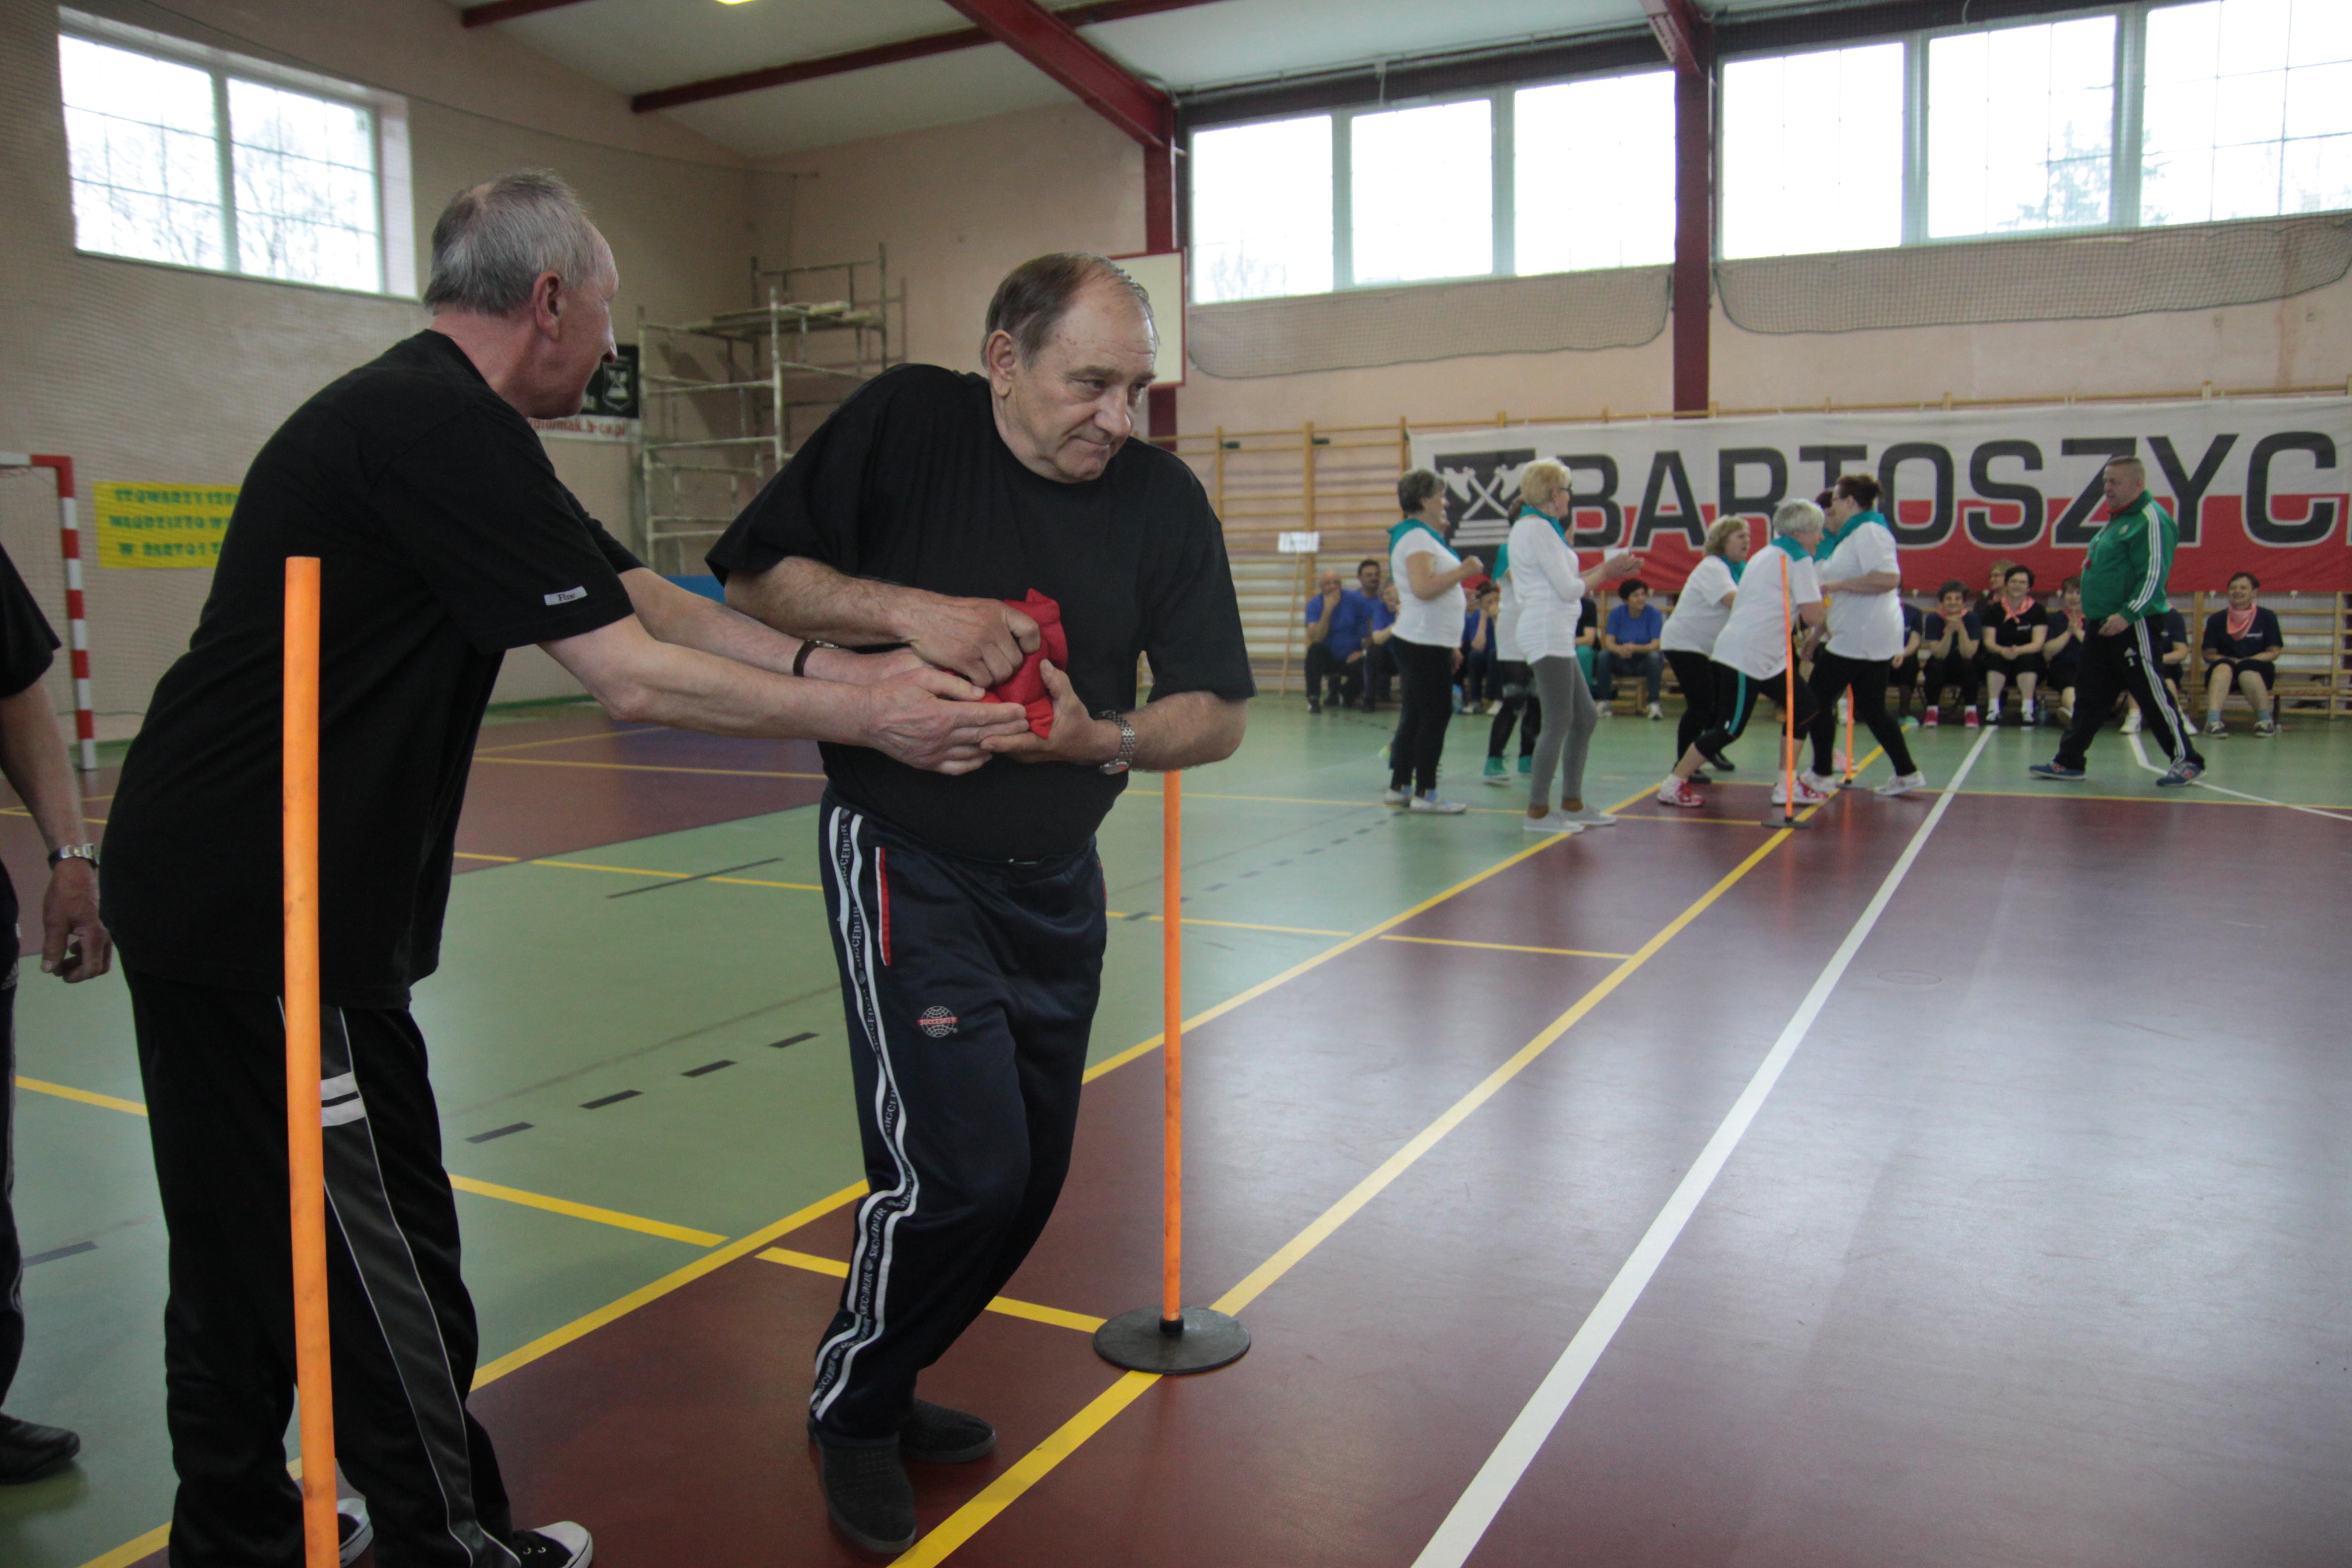 Ubiegłoroczna olimpiada seniorów w Bartoszycach